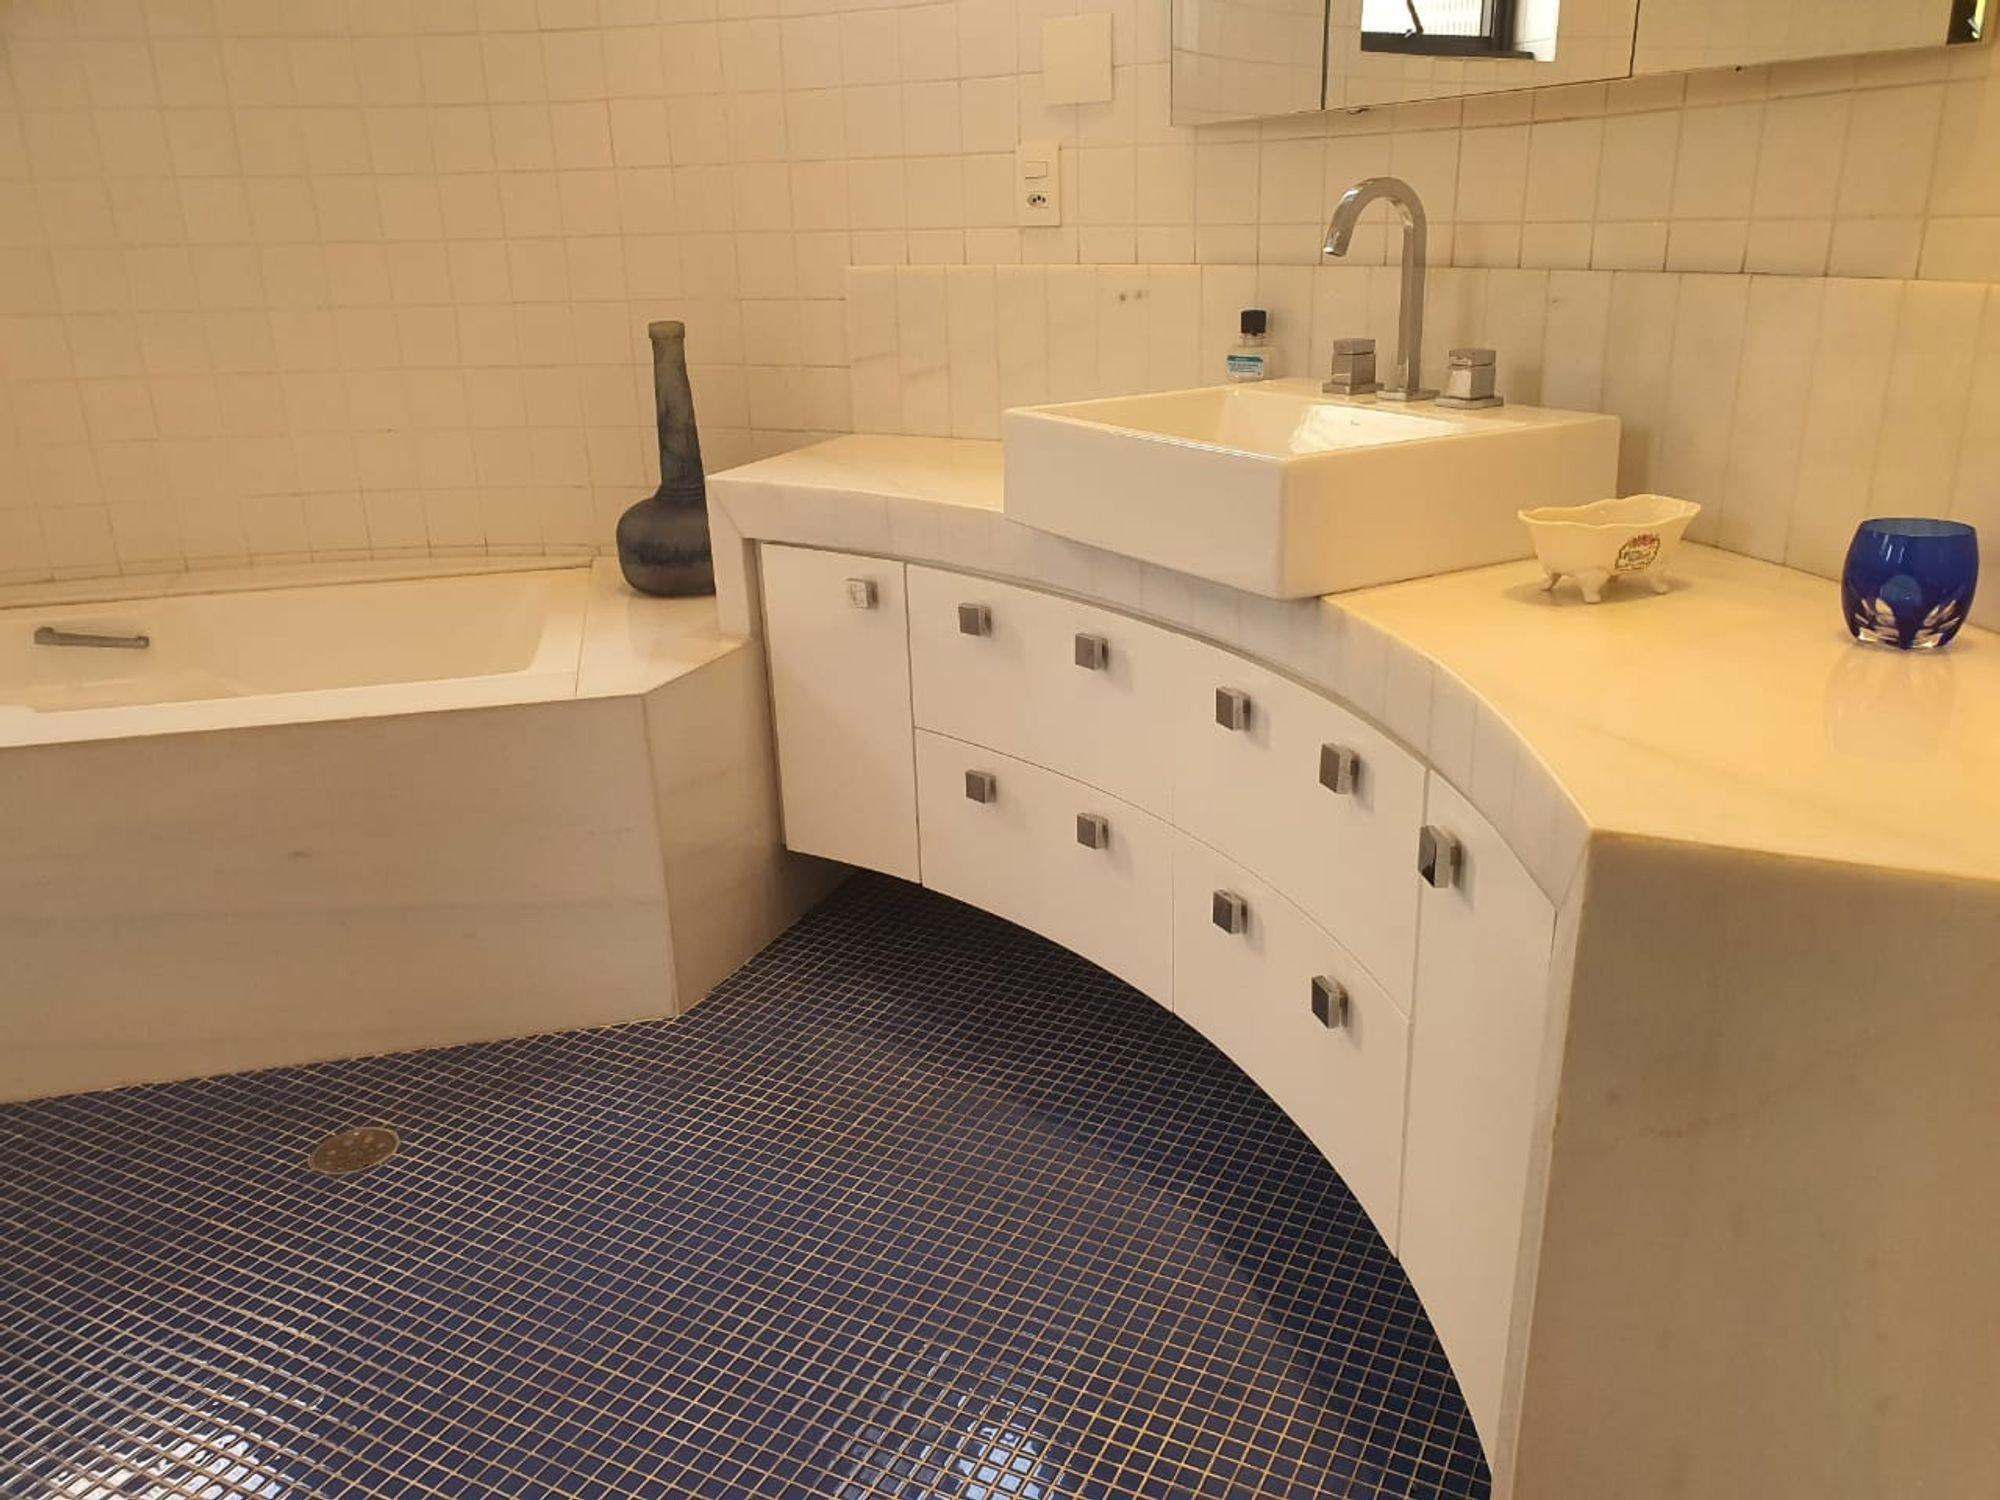 Foto de Banheiro com tigela, pia, xícara